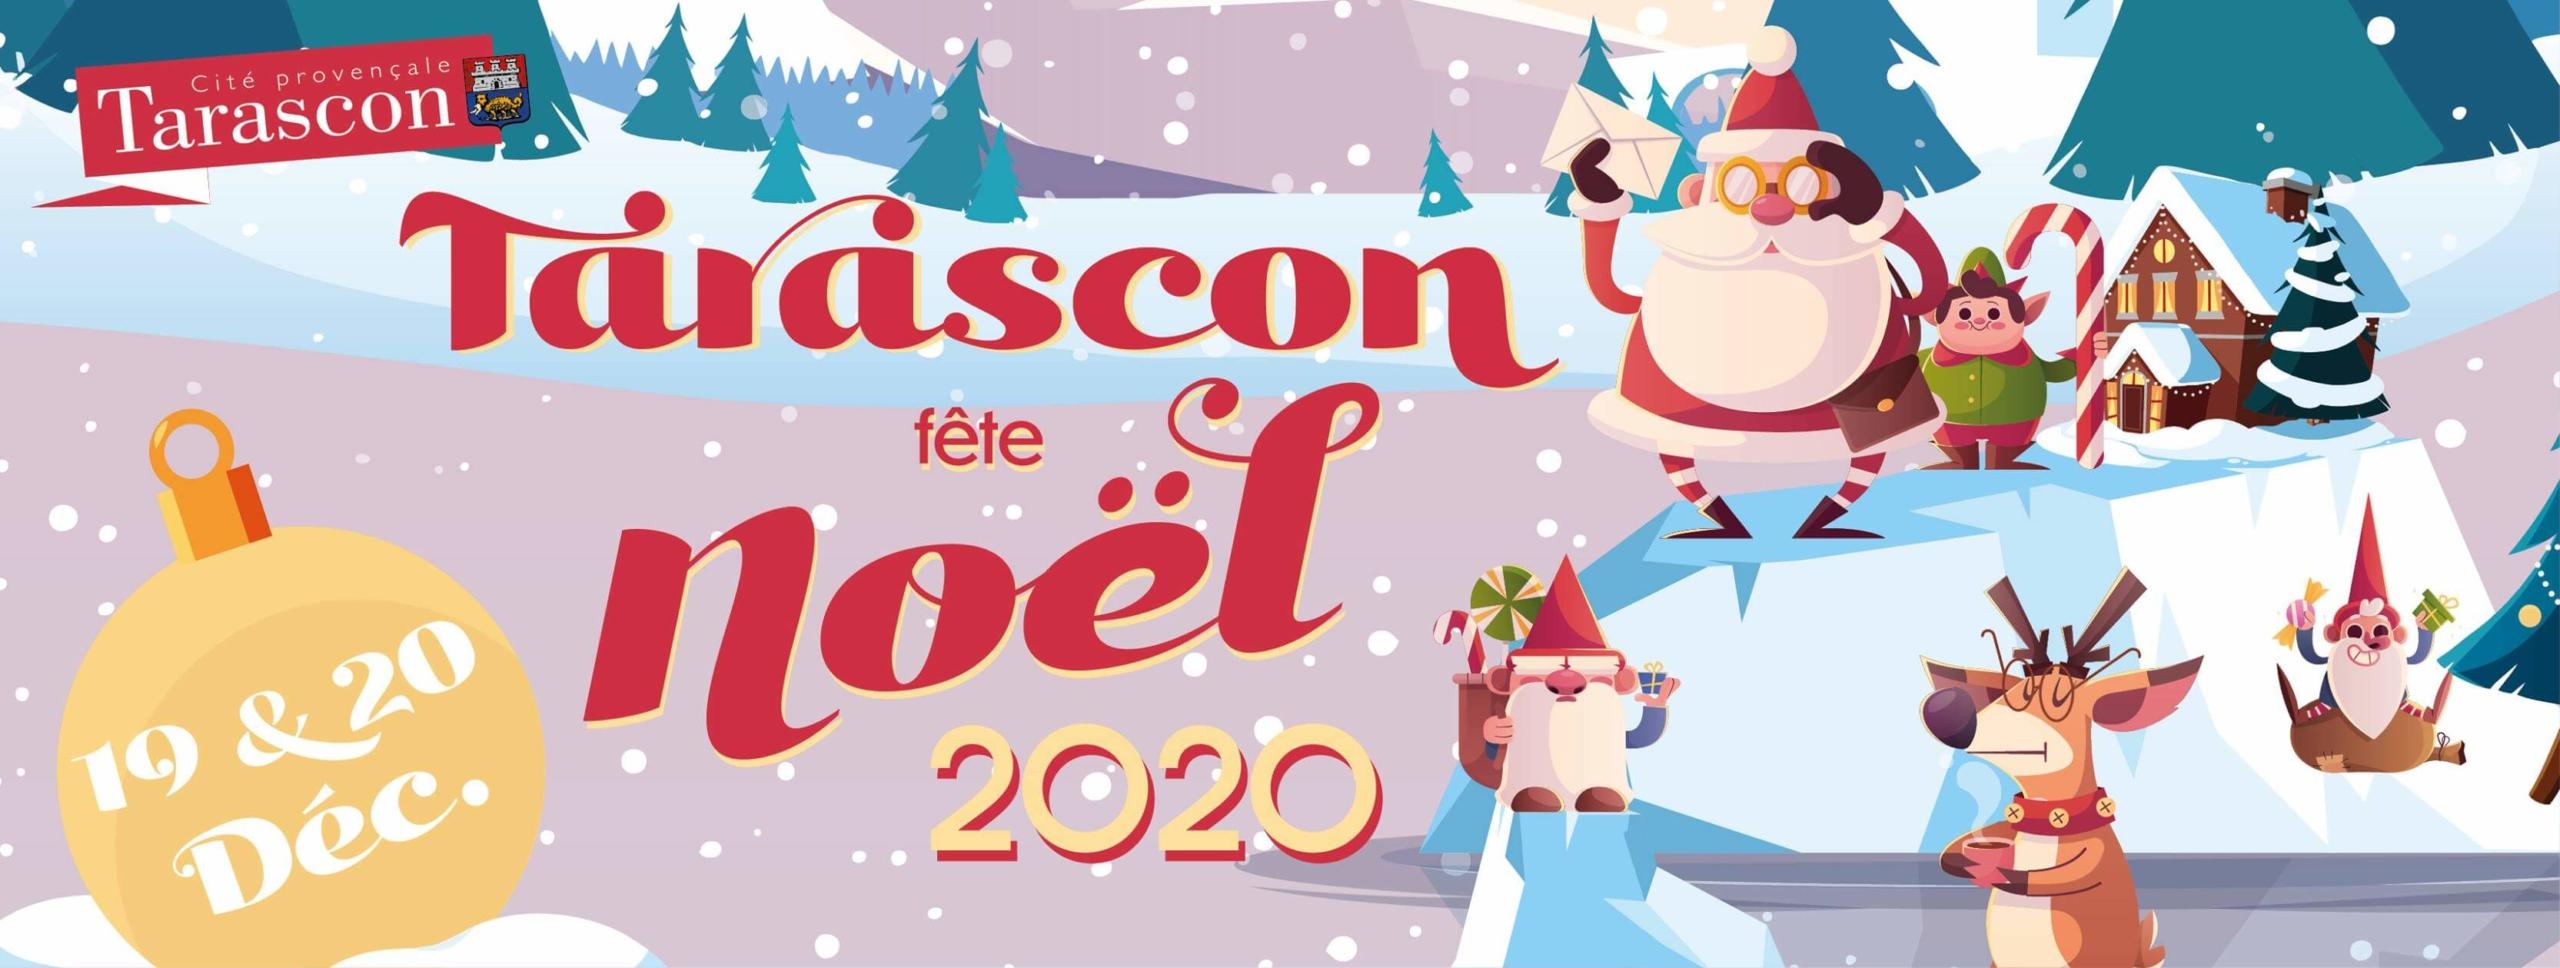 tarascon fête noël 2020